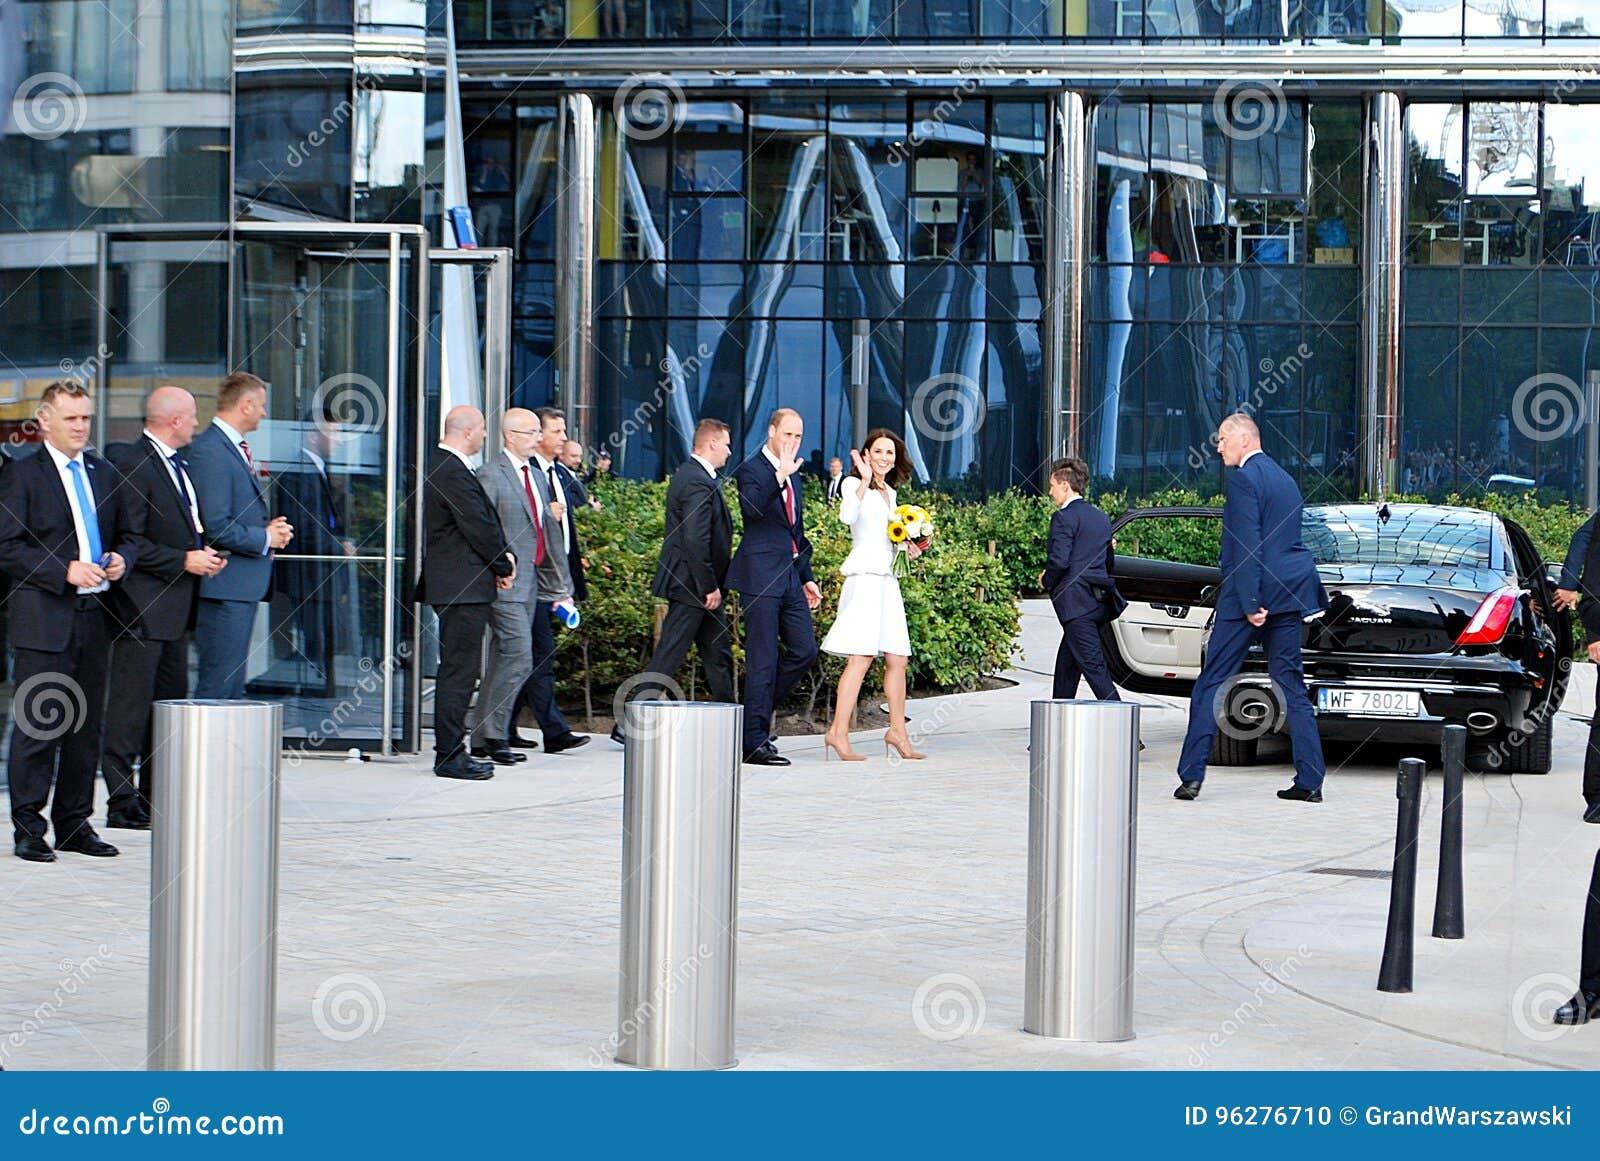 威廉王子和凯特Middleton问候在华沙拥挤